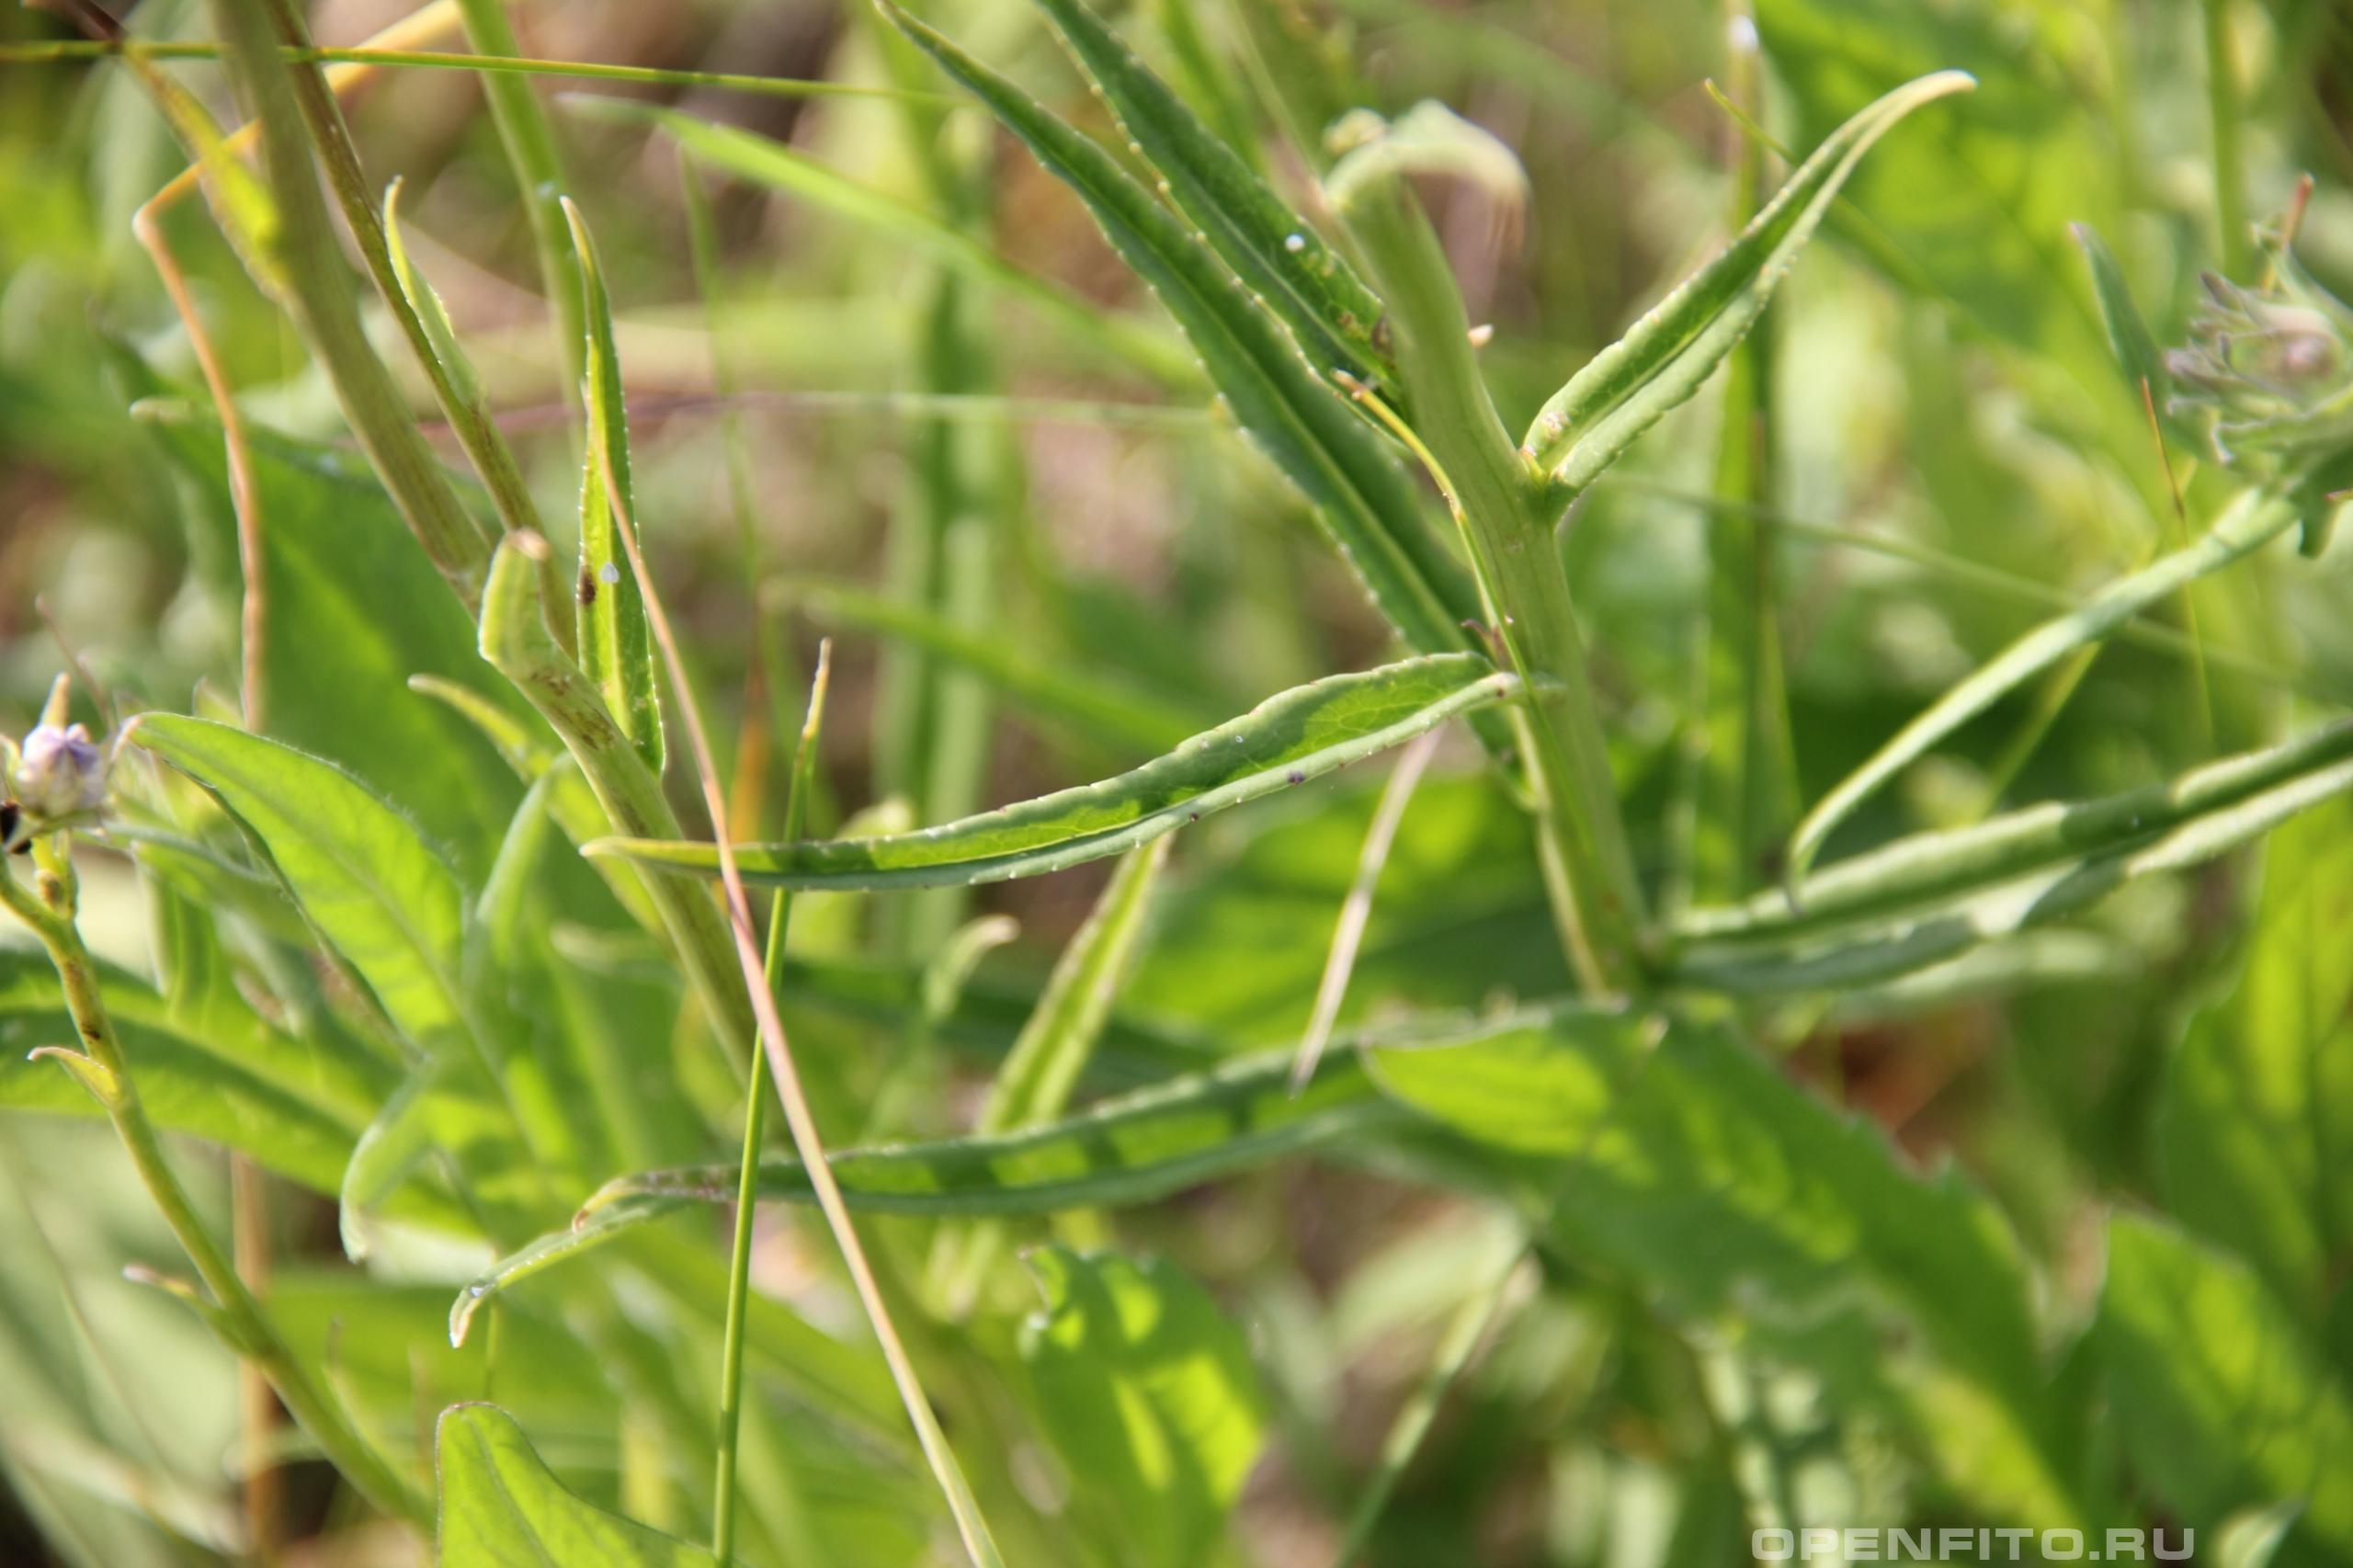 Колокольчик персиколистный лист